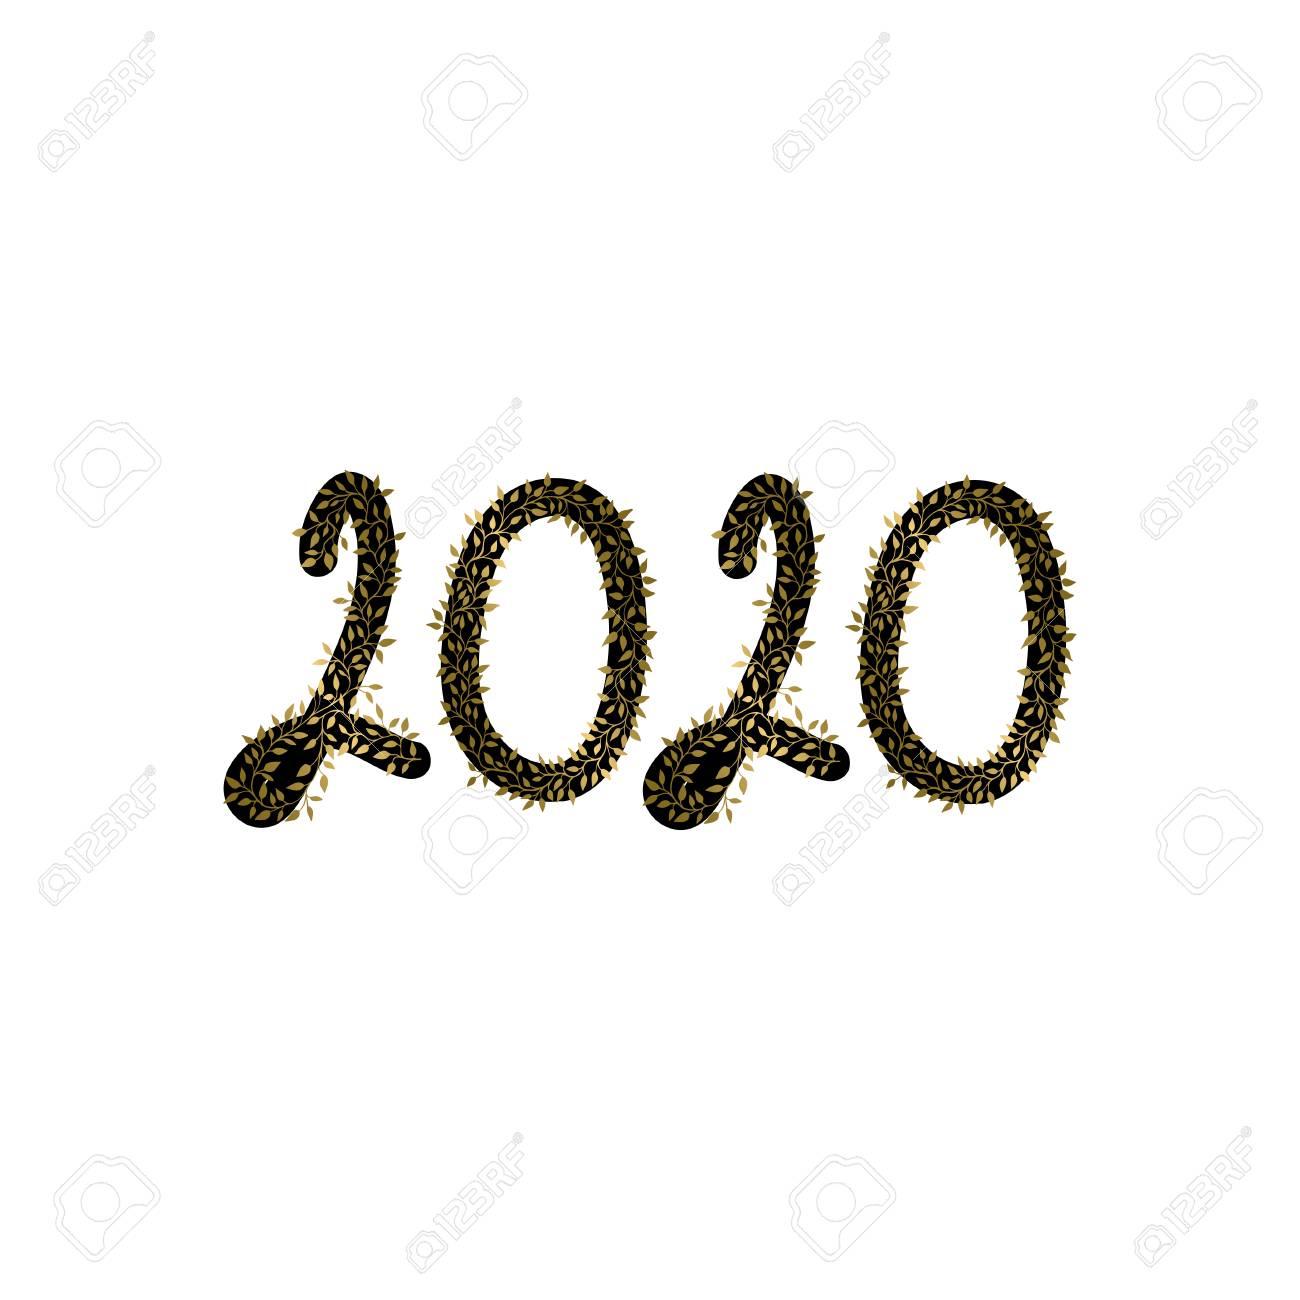 carte de voeux 2020 Carte De Voeux De Bonne Année 2020 Clip Art Libres De Droits